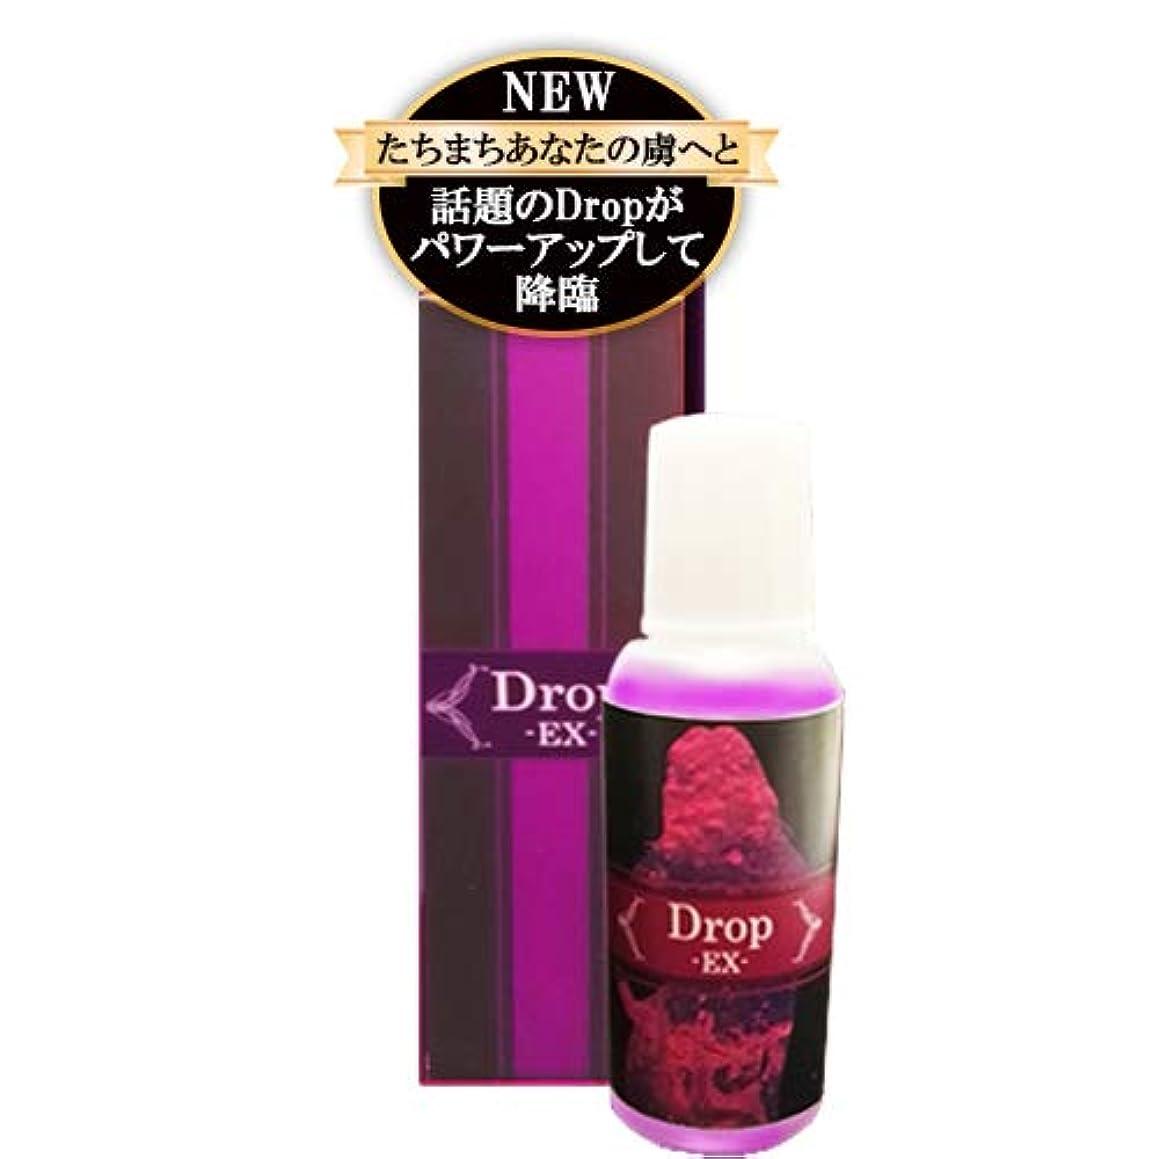 拡張カーテン地殻Drop EX 女性用 マカ ガラナ ドロップ Drop EX 馬プラセンタ ドロップ 媚水 高品質 (3)